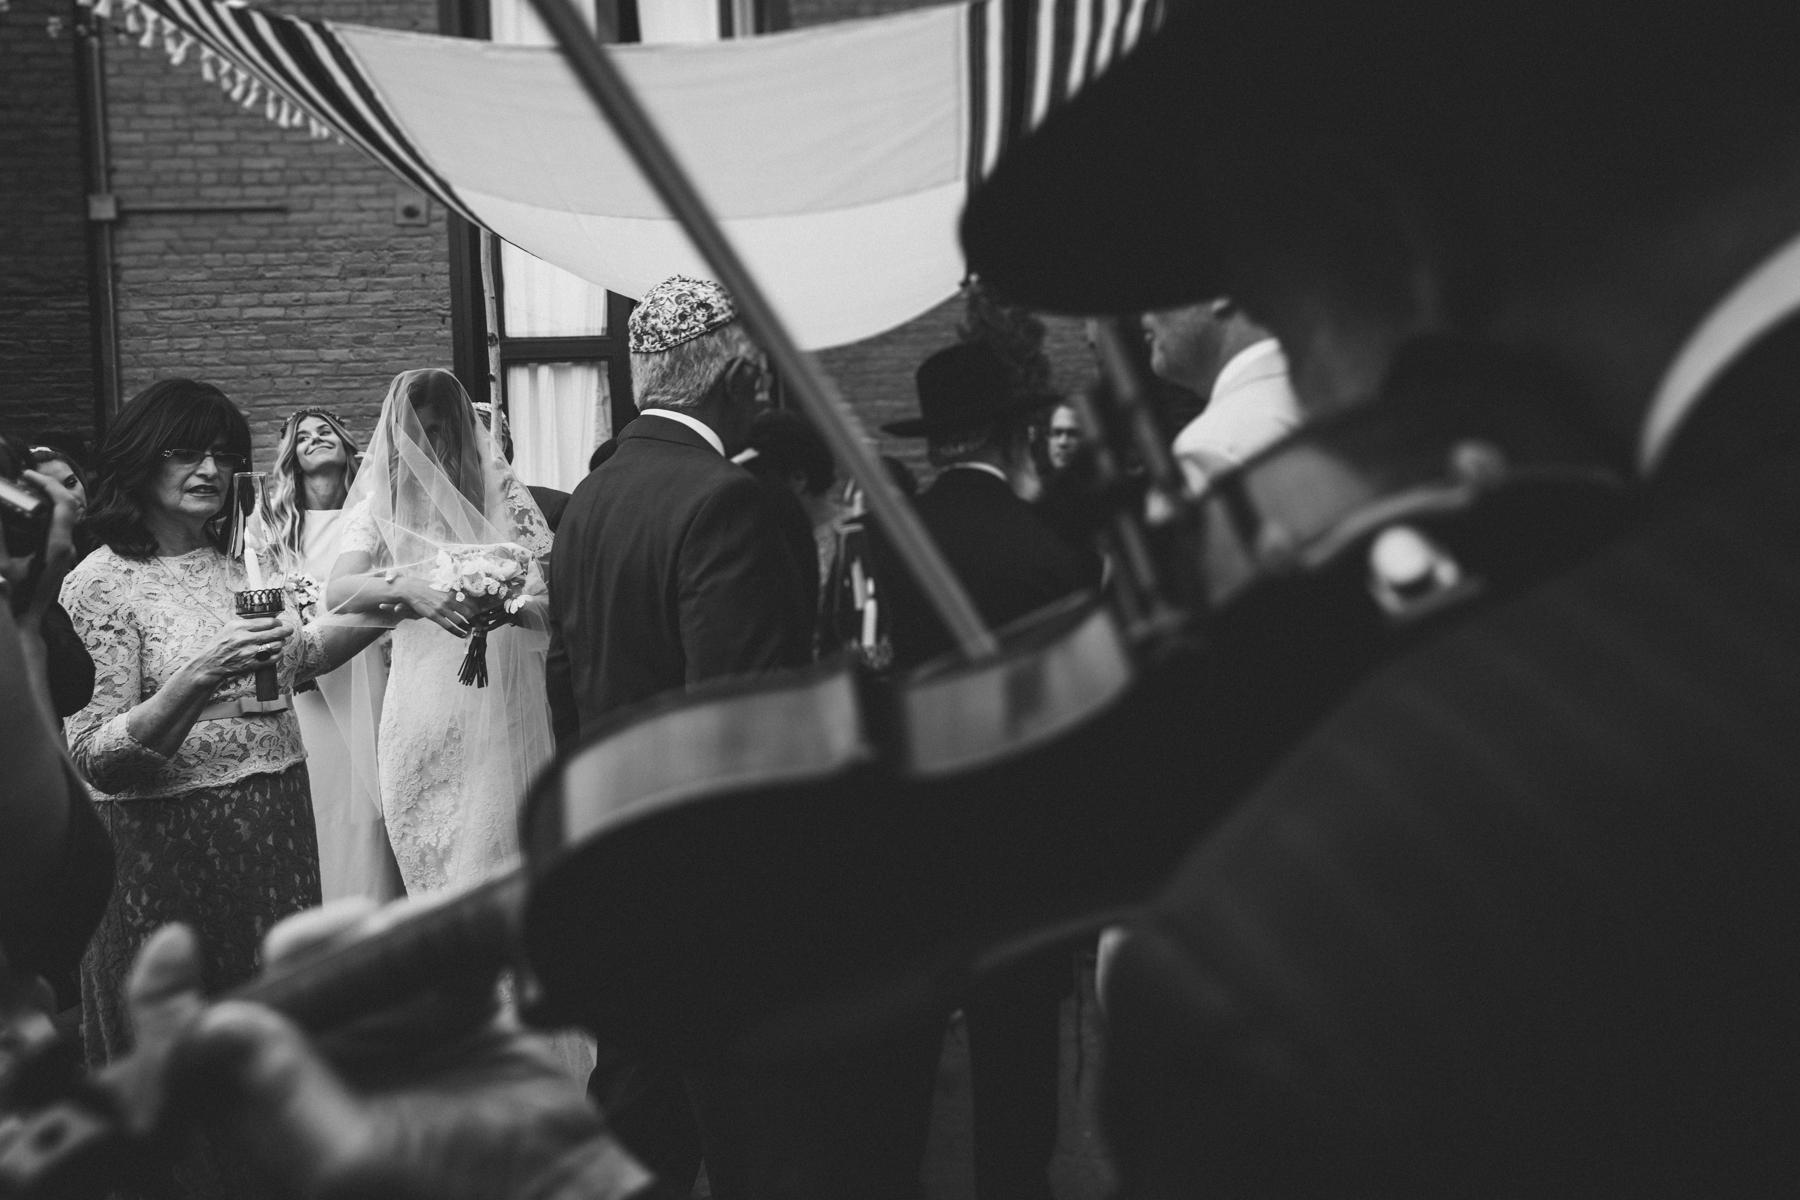 Wythe-Hotel-Green-Building-Brooklyn-Documentary-Wedding-Photography-70.jpg